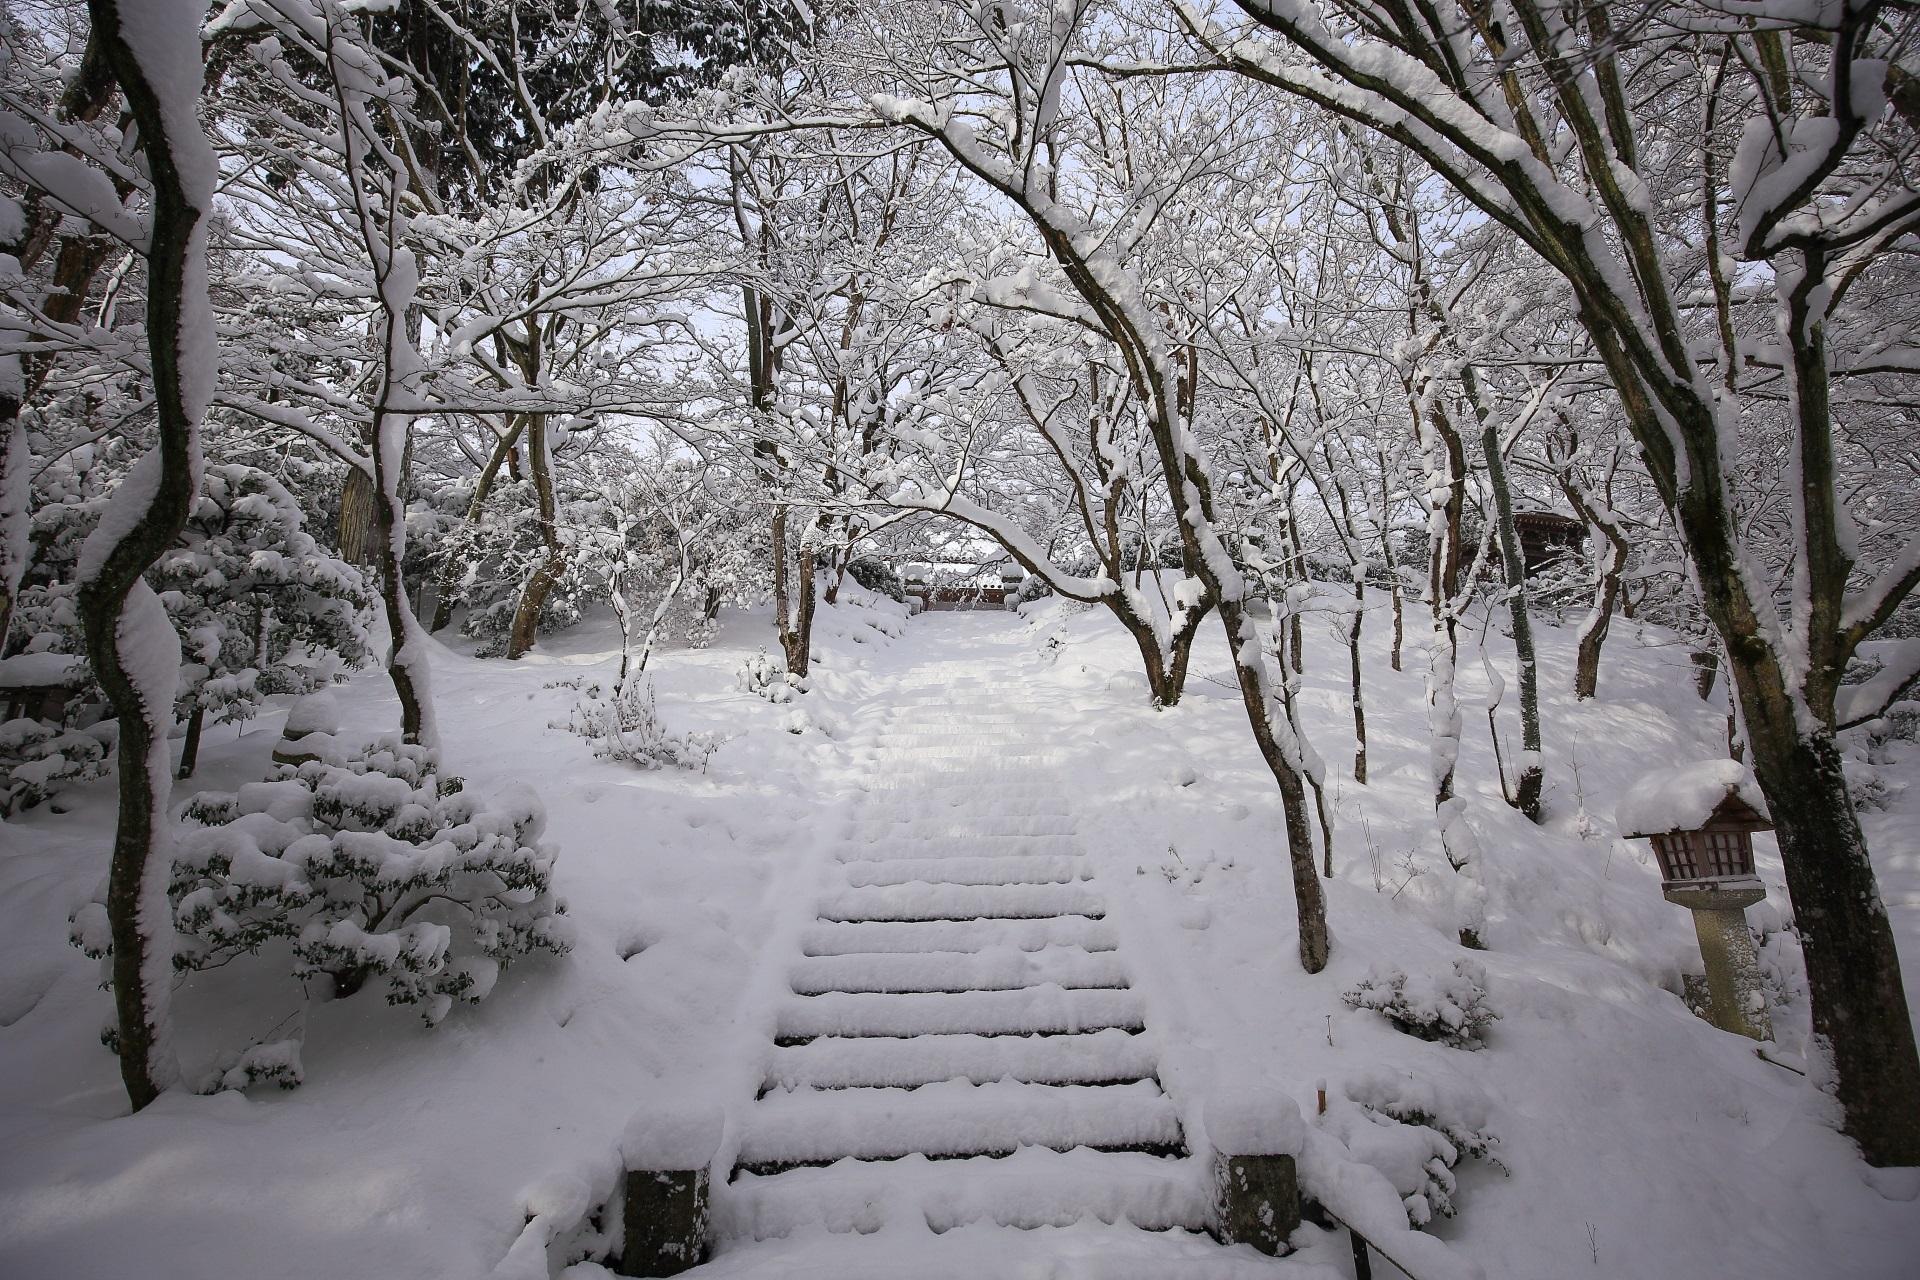 常寂光寺の本堂前石段の雪景色